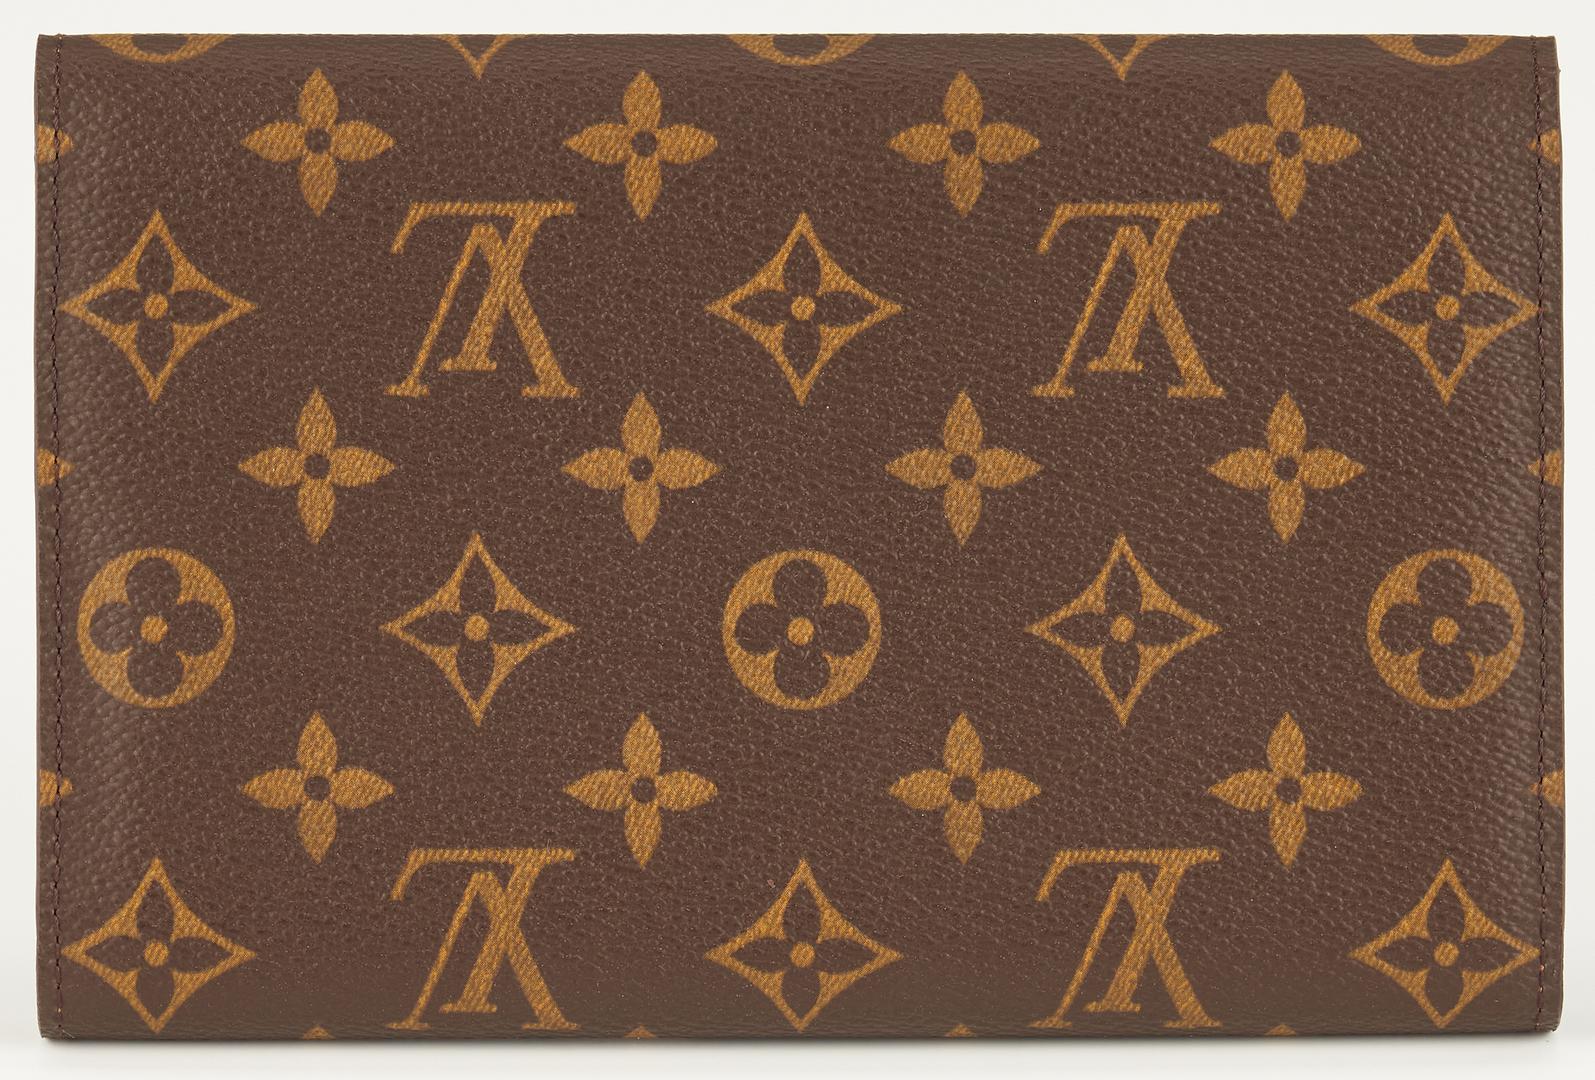 Lot 864: Louis Vuitton Wallet New w/ Box